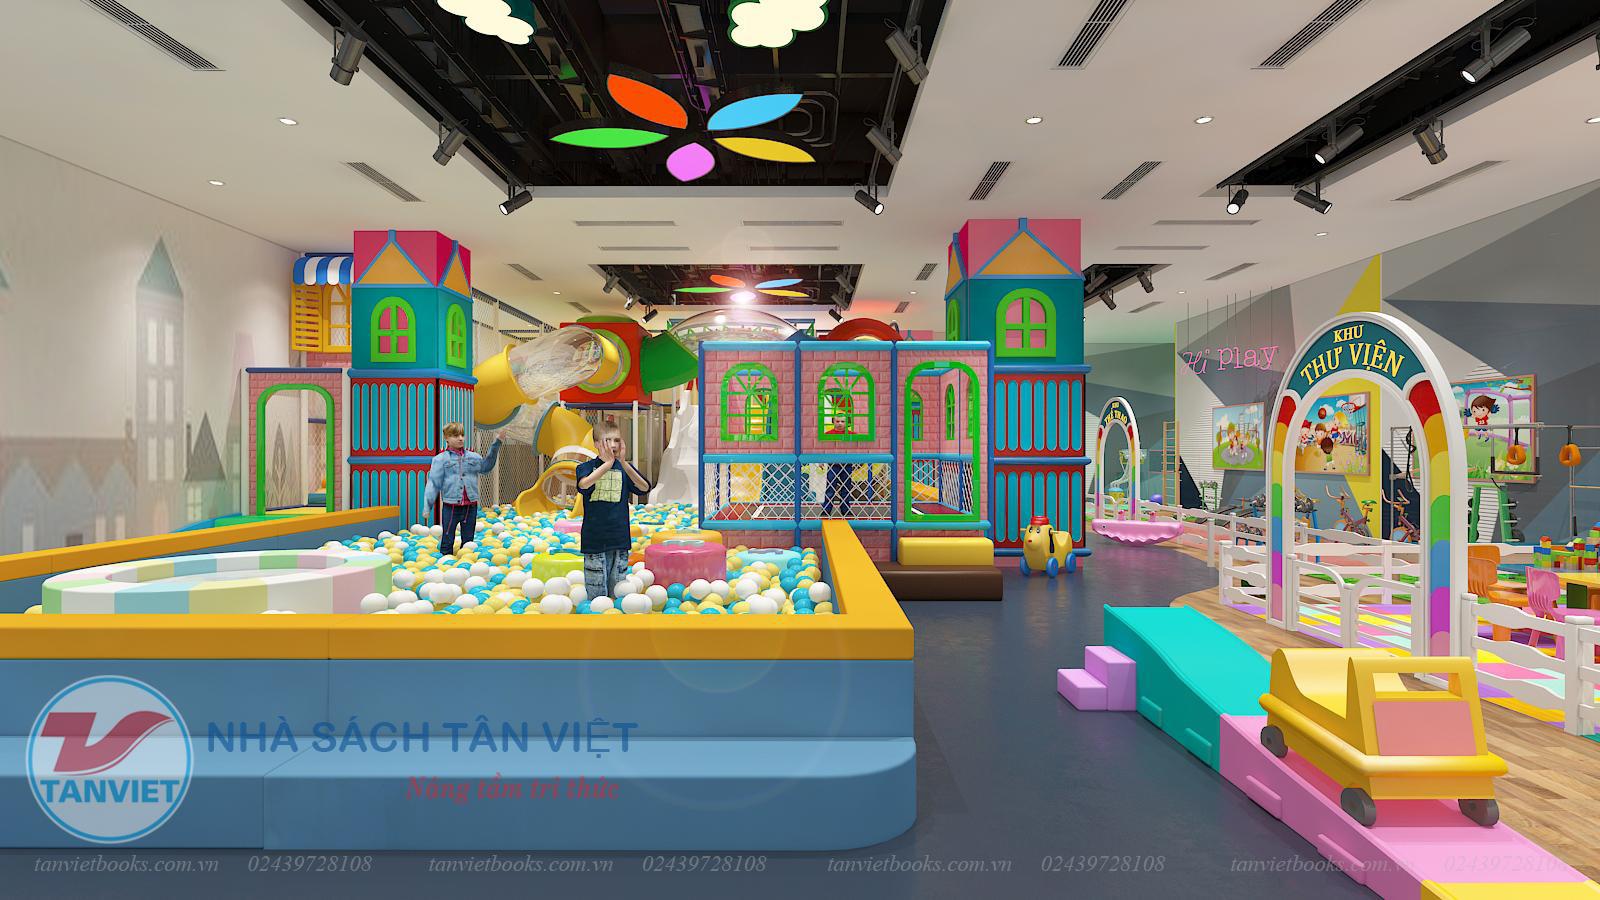 Khai trương Khu vui chơi trẻ em Tân Việt Wonderland tại Vincom Hà Nam - Ảnh 2.